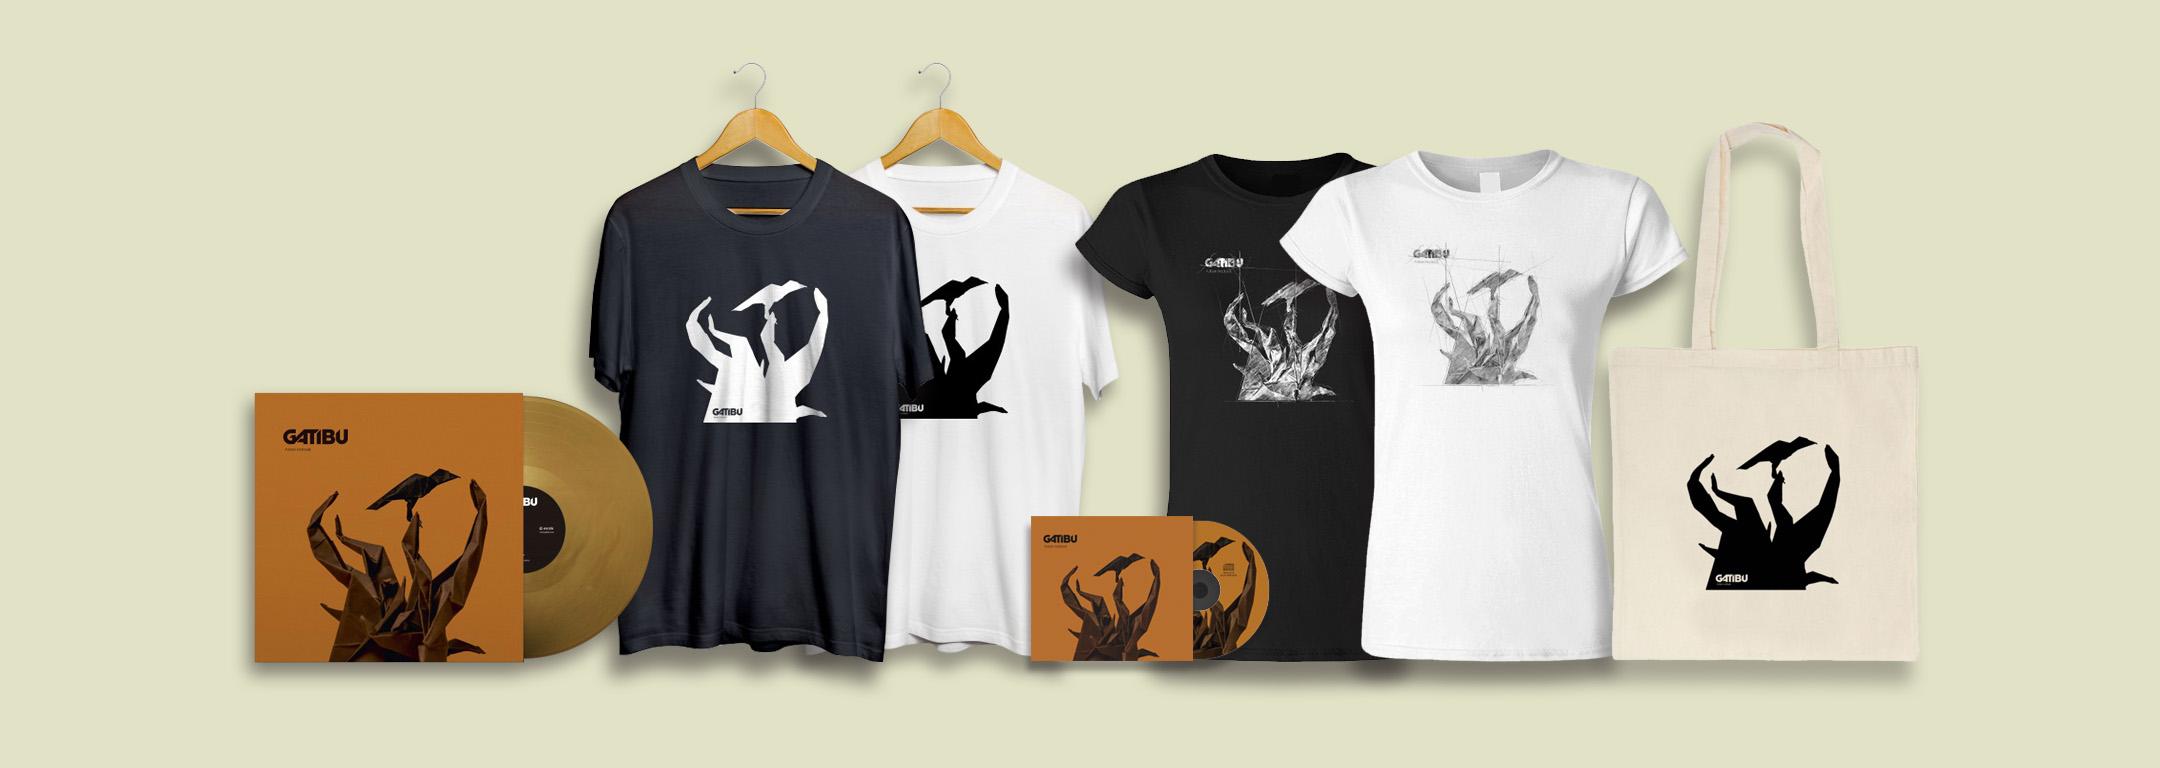 Gatibu - Azken Indioak merchandising